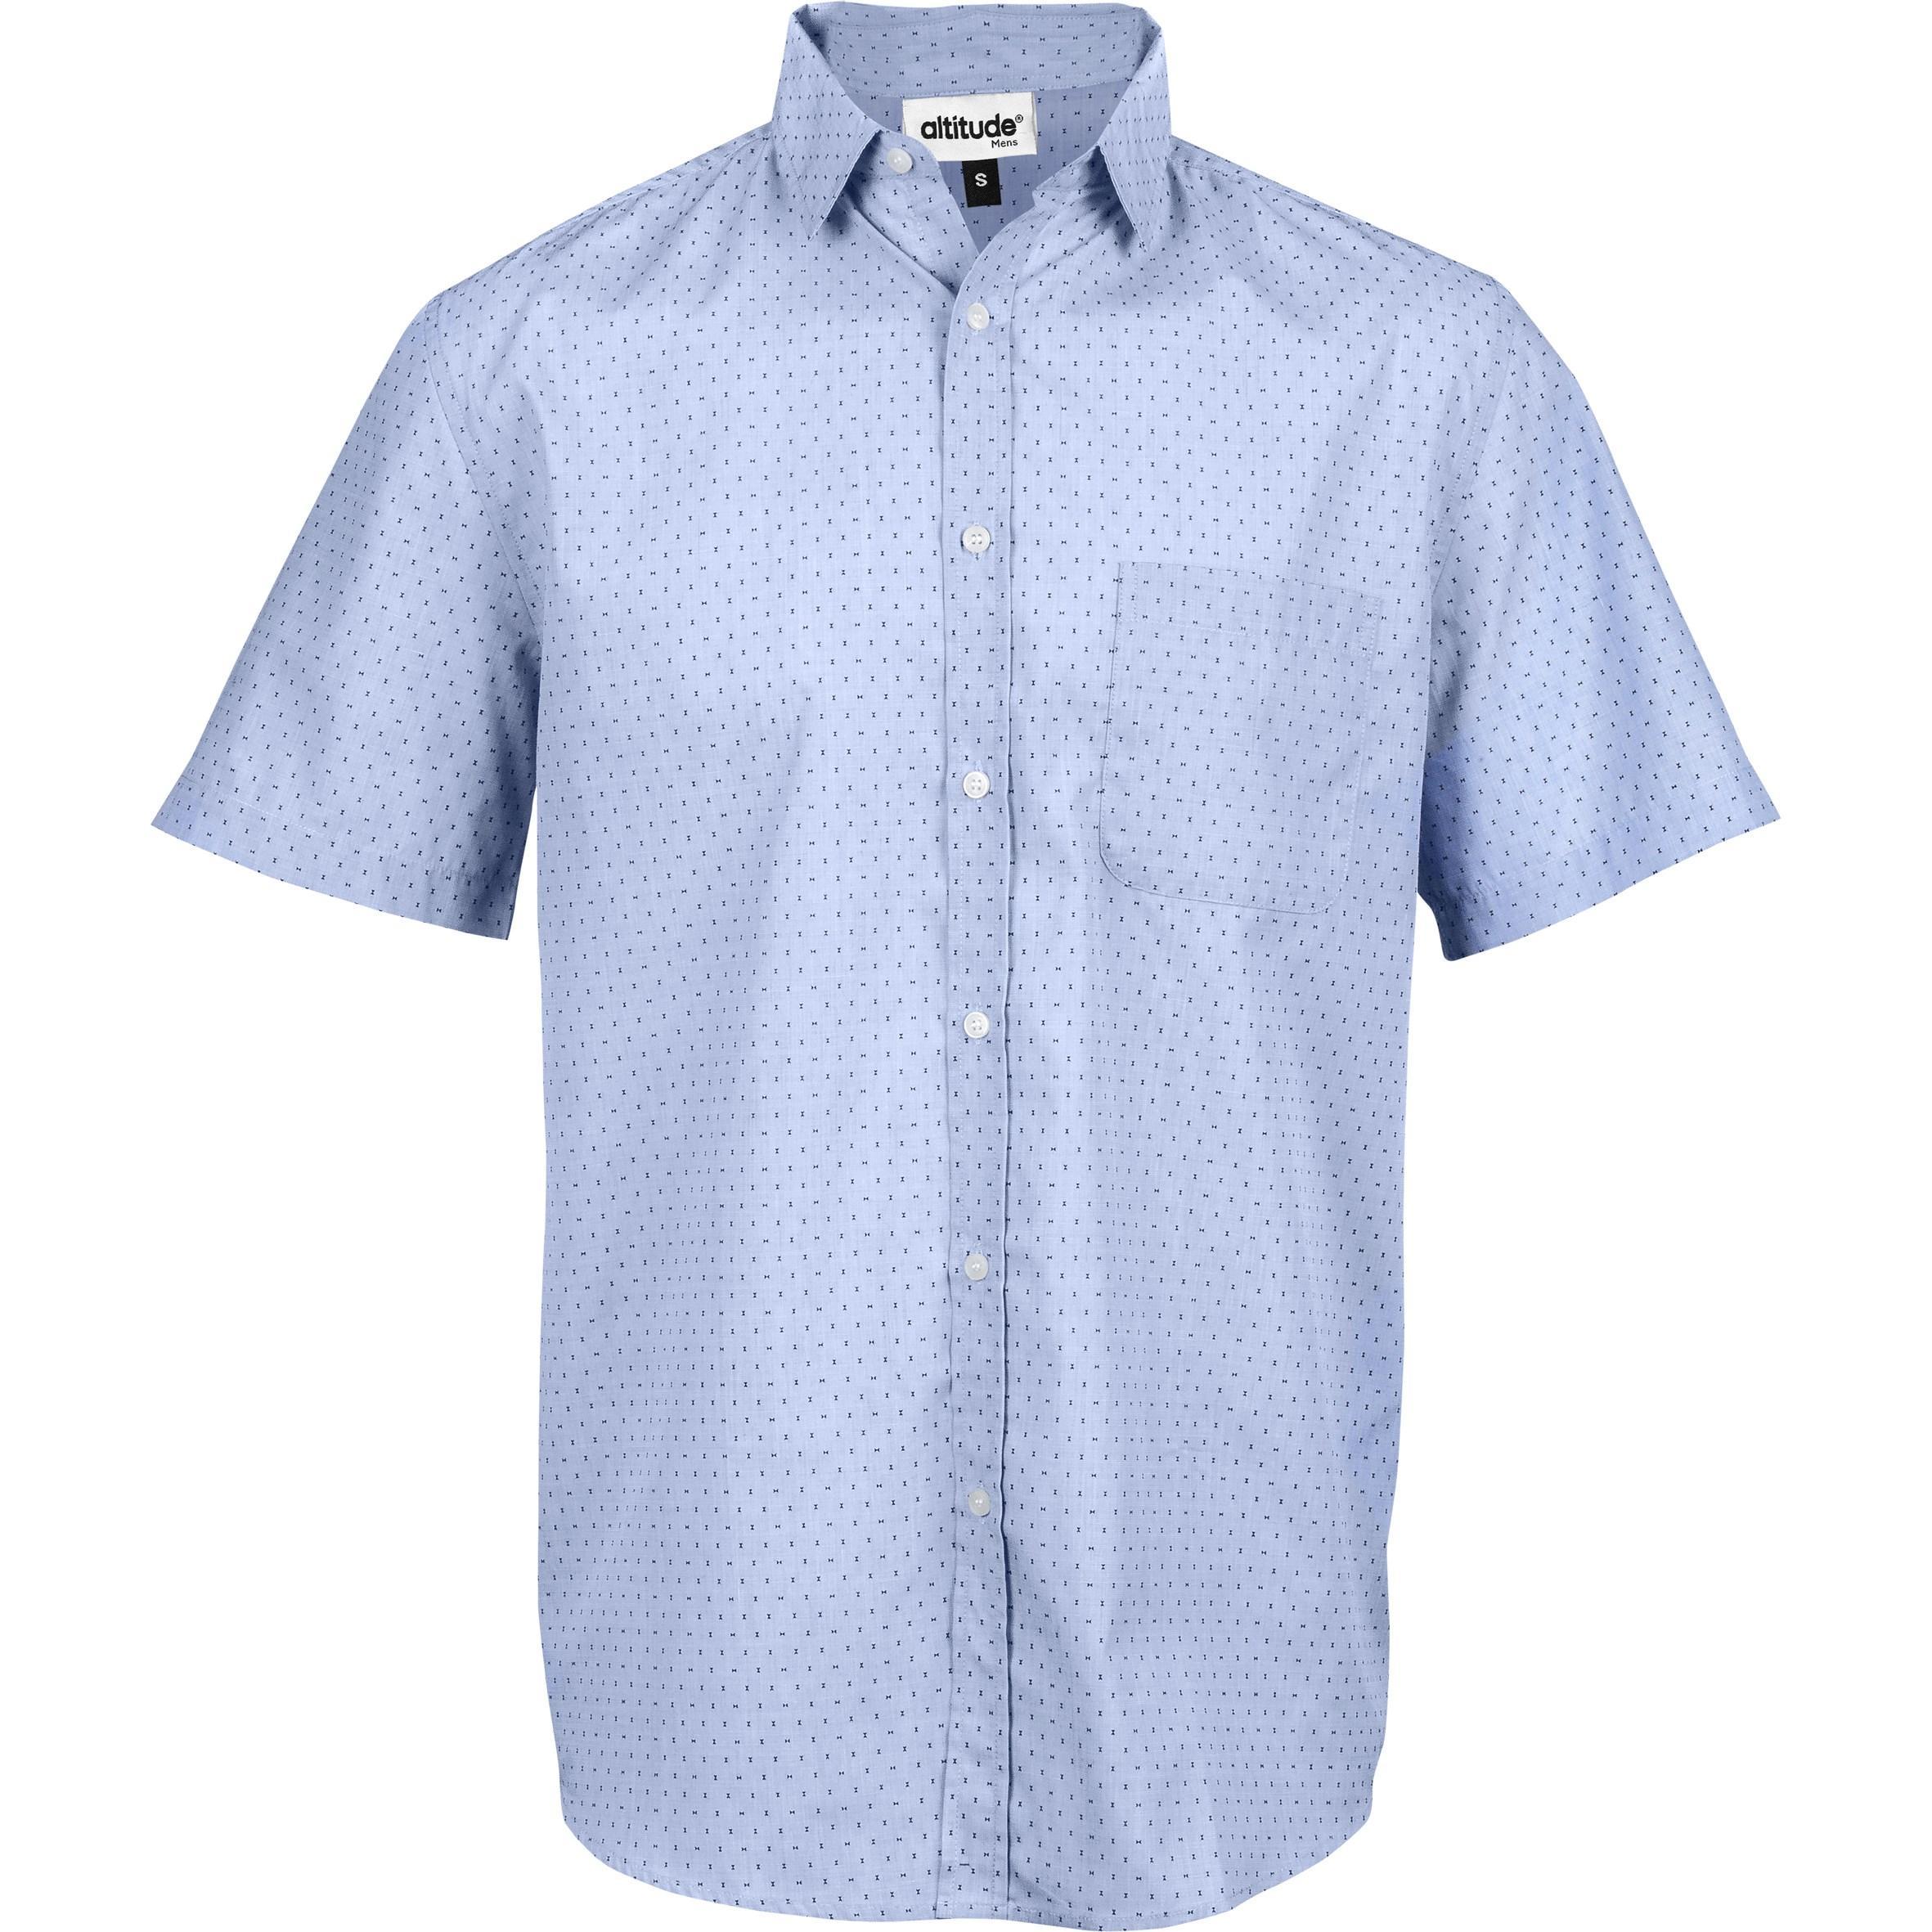 Mens Short Sleeve Duke Shirt - Light Blue Only